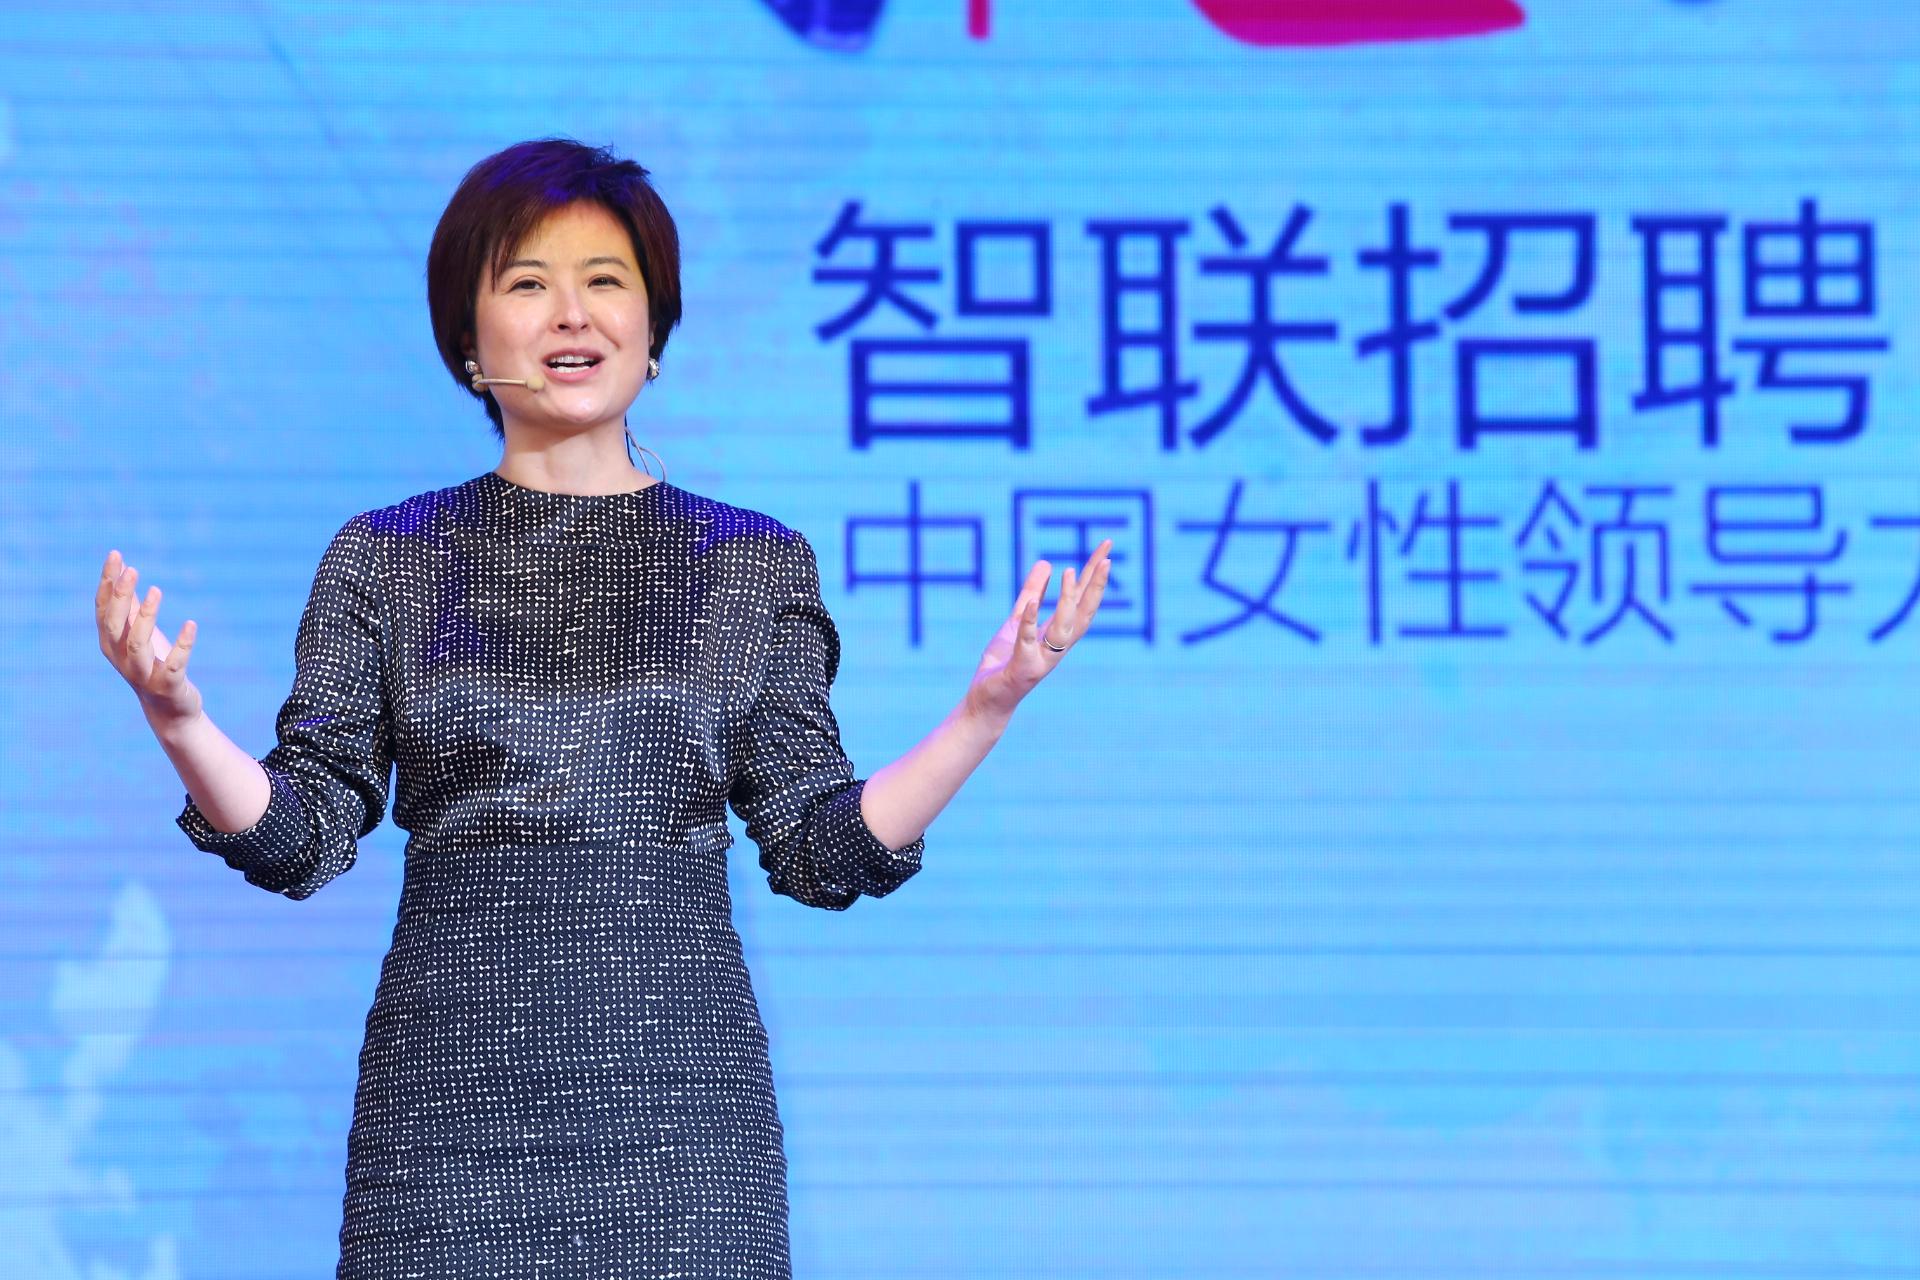 张泉灵在中国女性领导力论坛上进行演讲